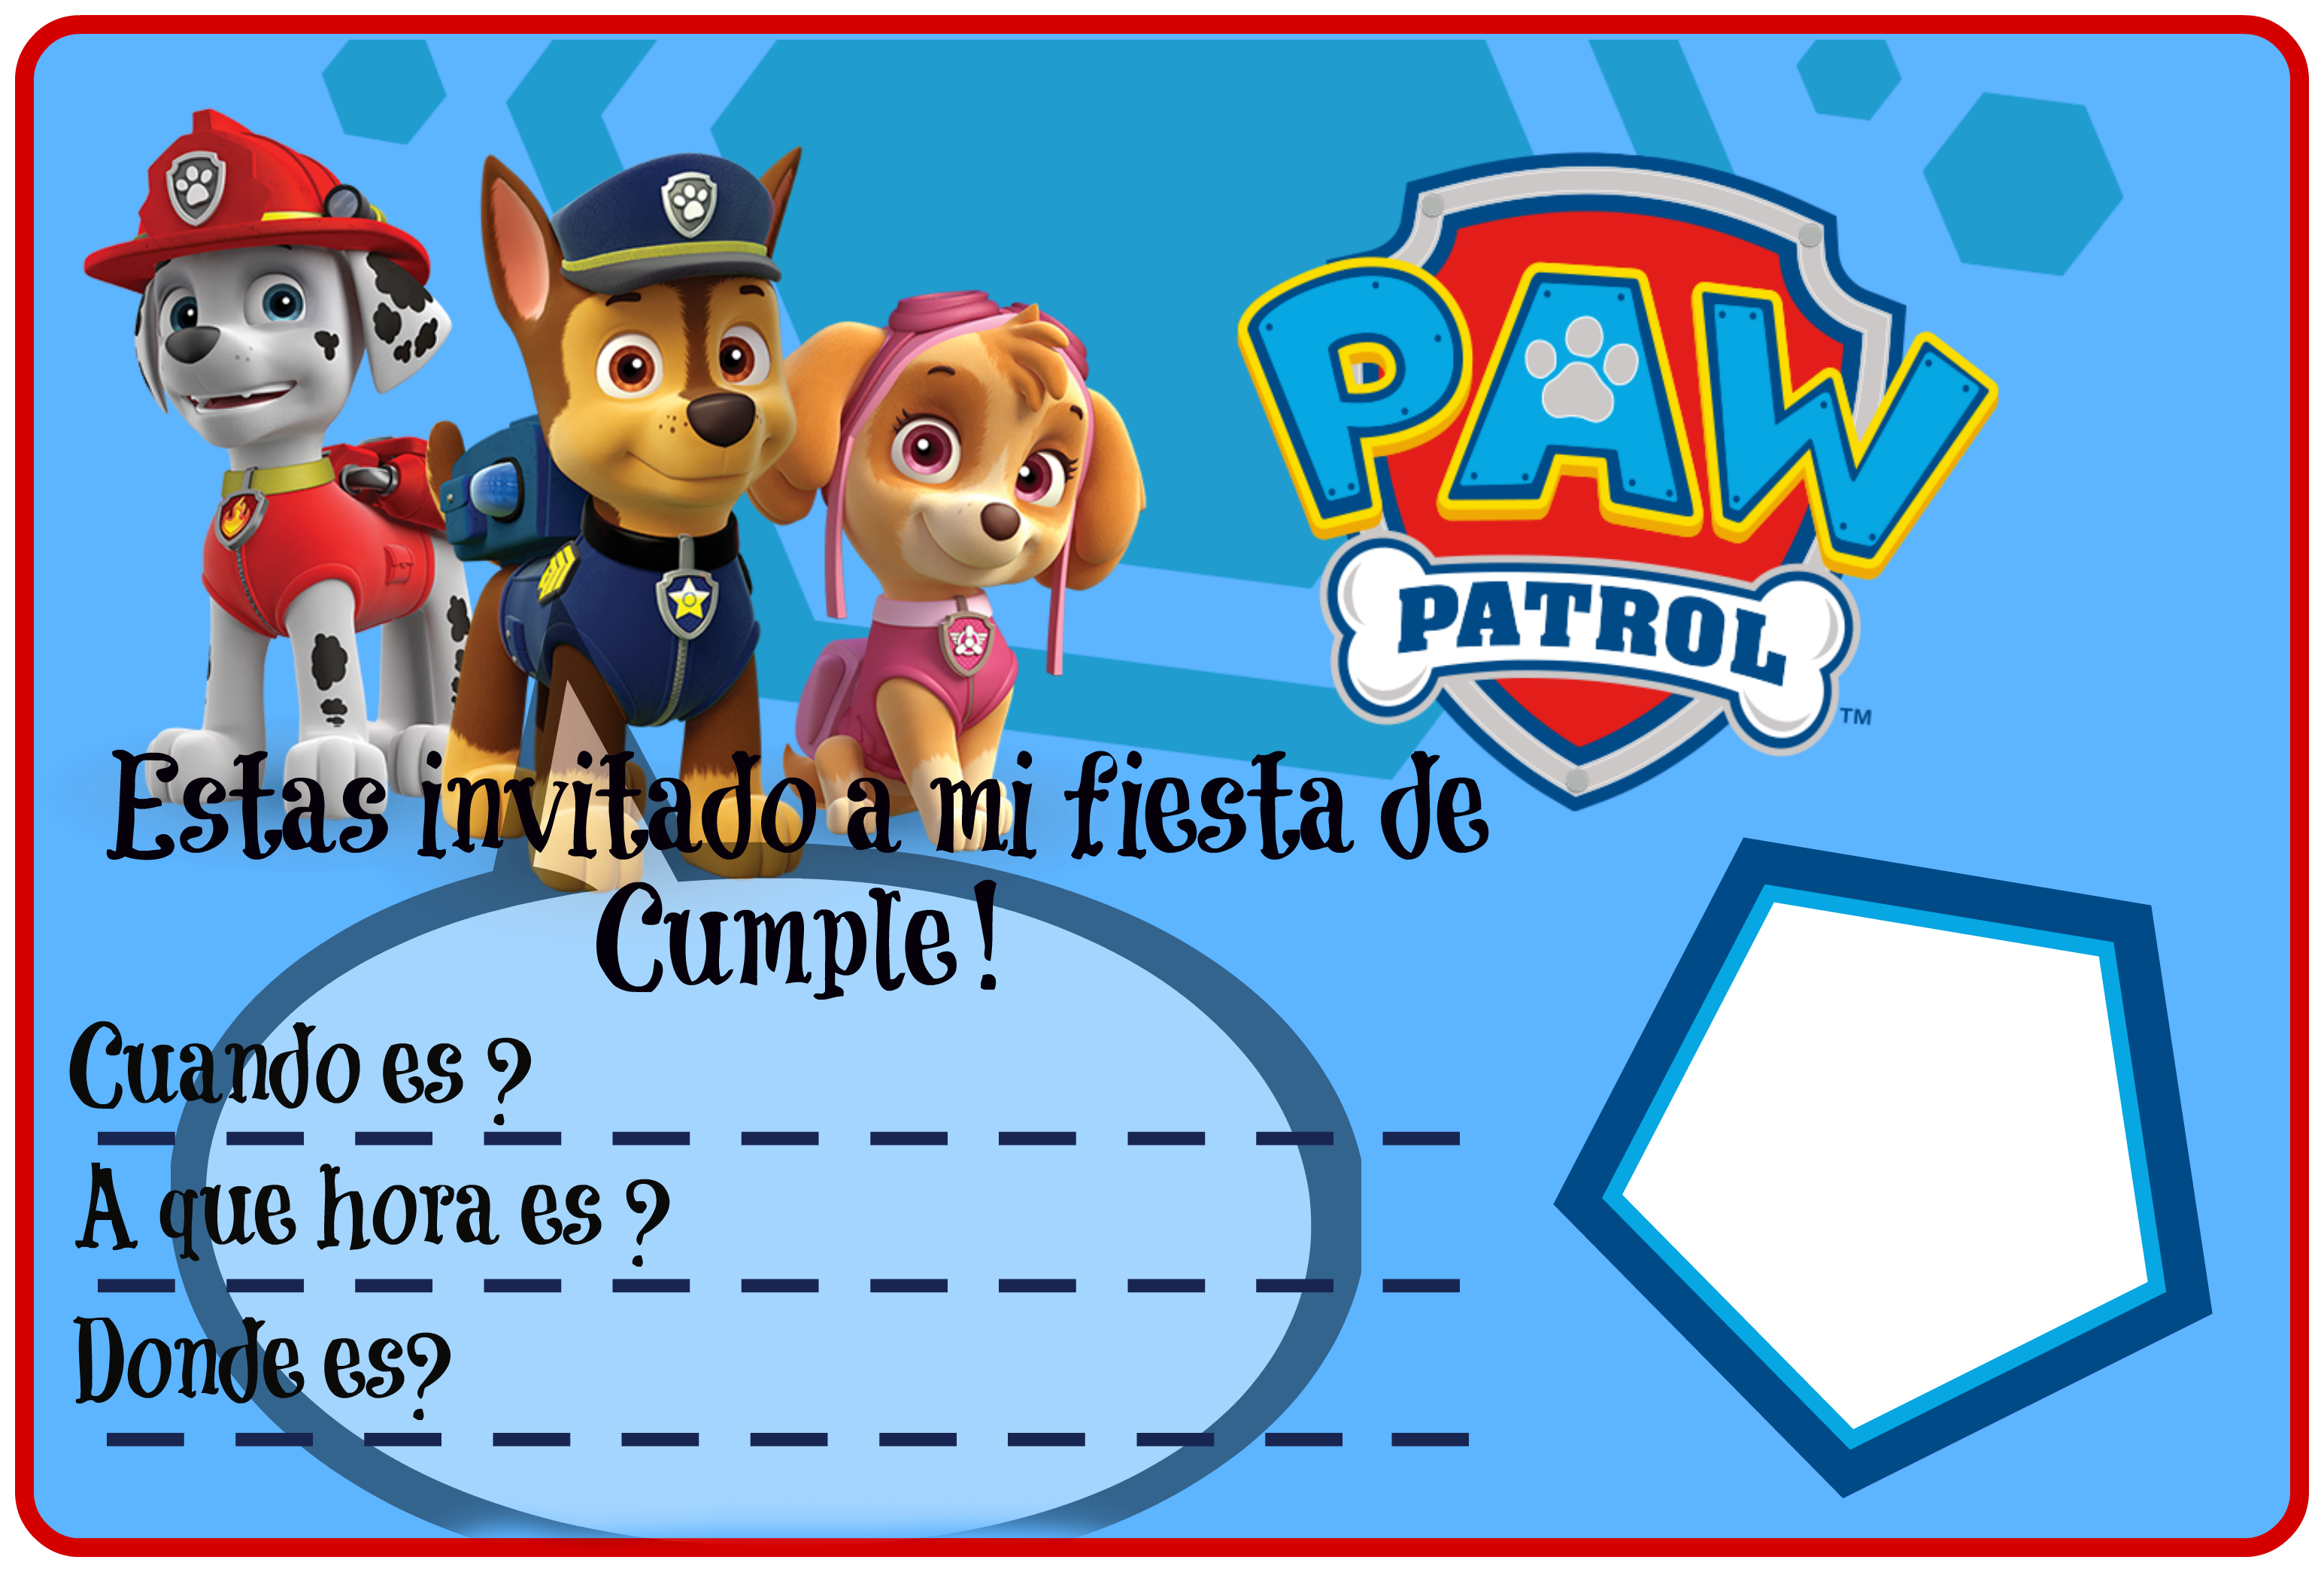 Invitación De Cumple Invitacion Cumpleaños Patrulla Canina Tarjetas De Cumpleaños Para Imprimir Hacer Invitaciones De Cumpleaños